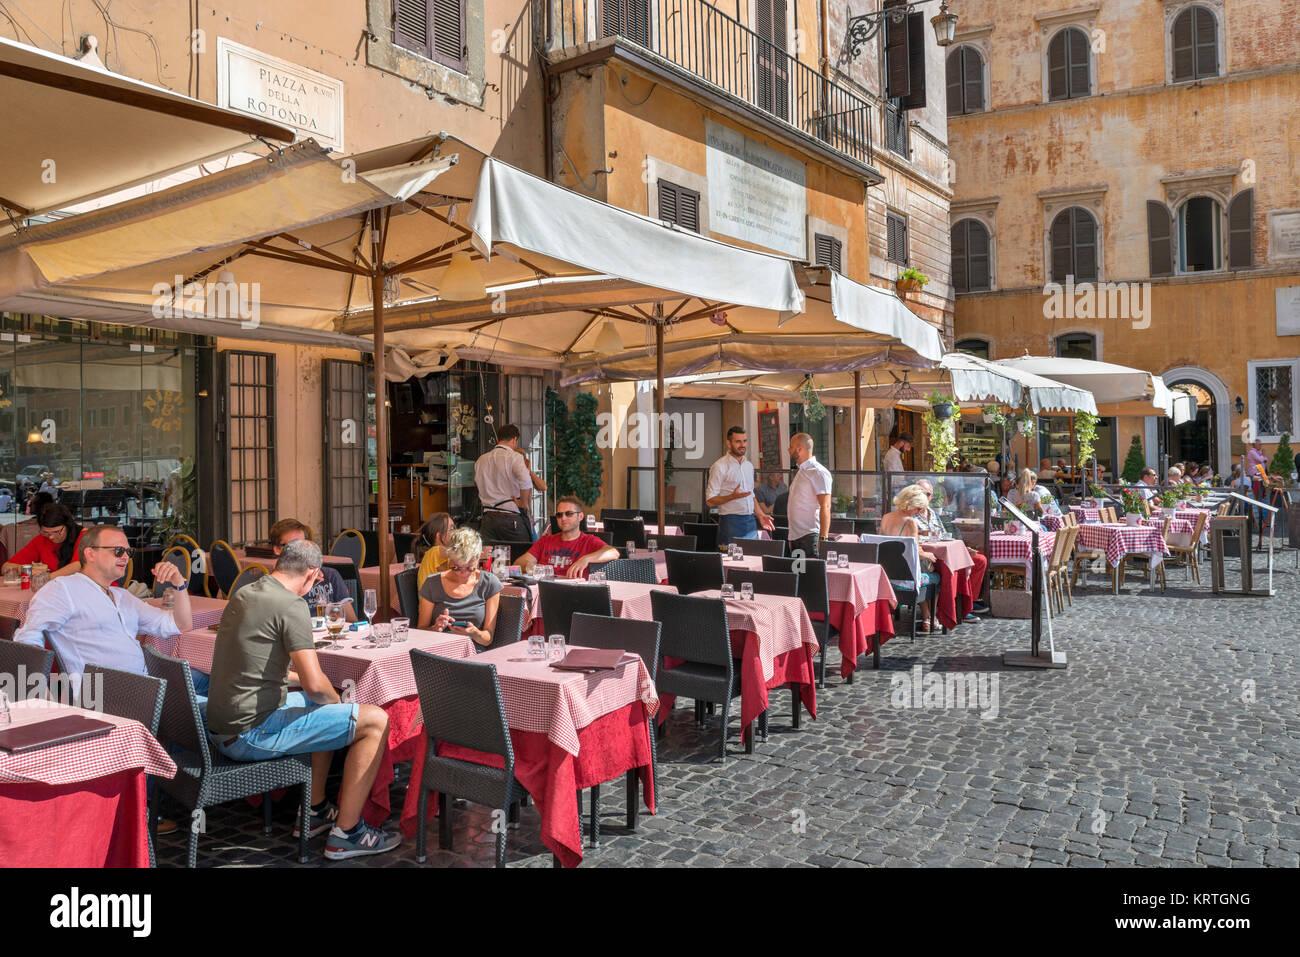 Sidewalk restaurant on Piazza della Rotonda in the centro storico, Rome, Italy - Stock Image